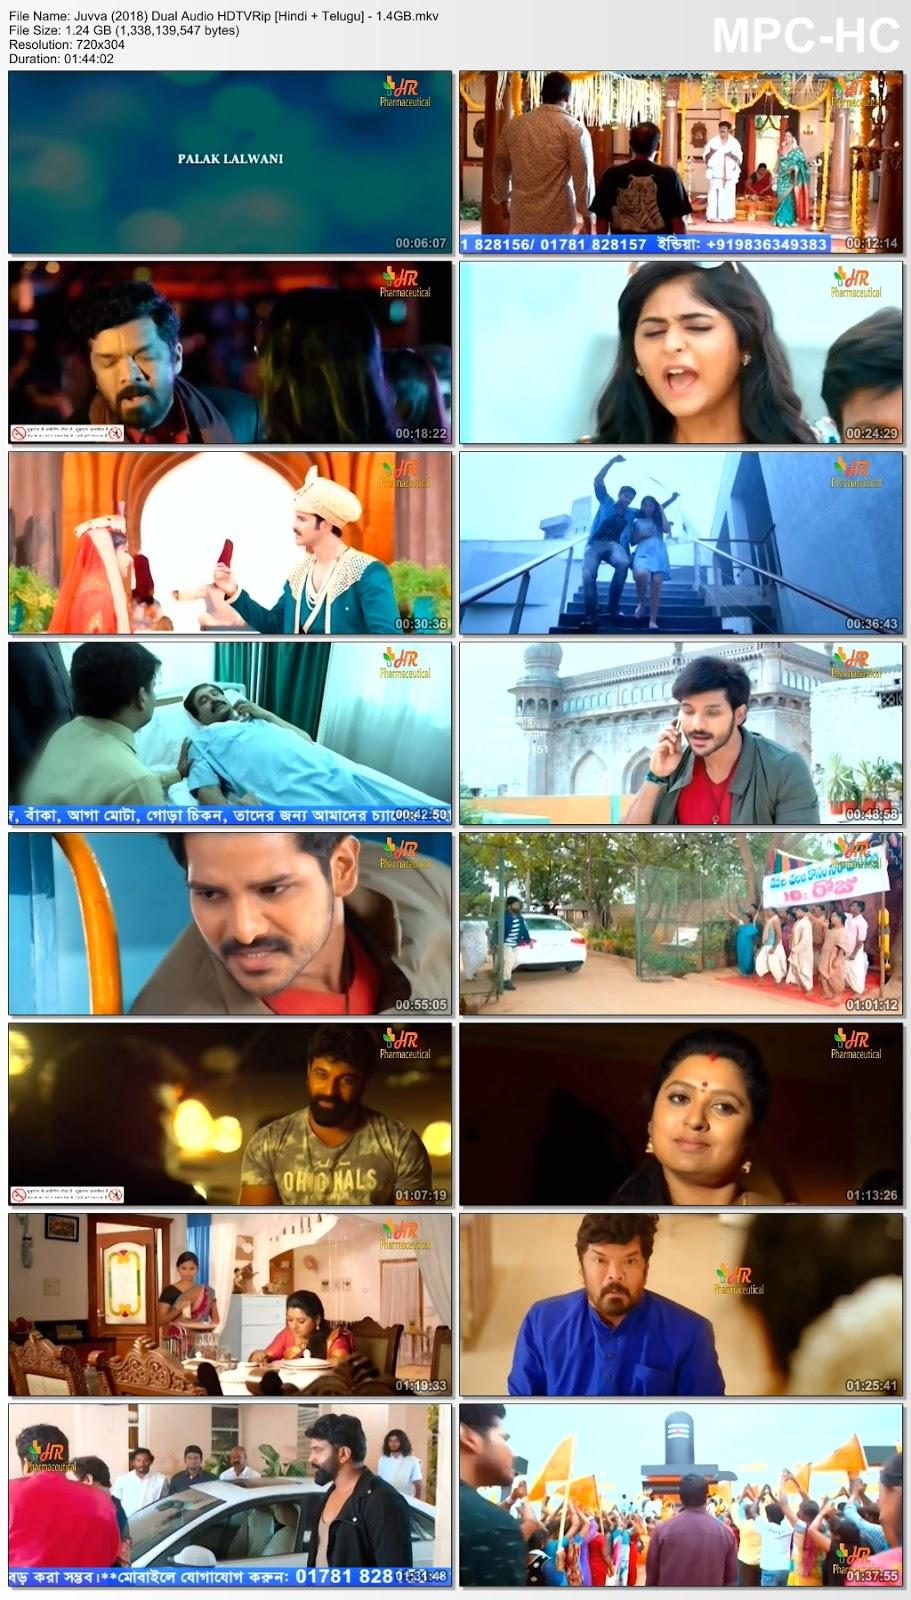 Juvva (Ishqbazz Gunda) (2018) 480p Dual Audio HDTVRip [Hindi + Telugu] – 1.4GB Desirehub